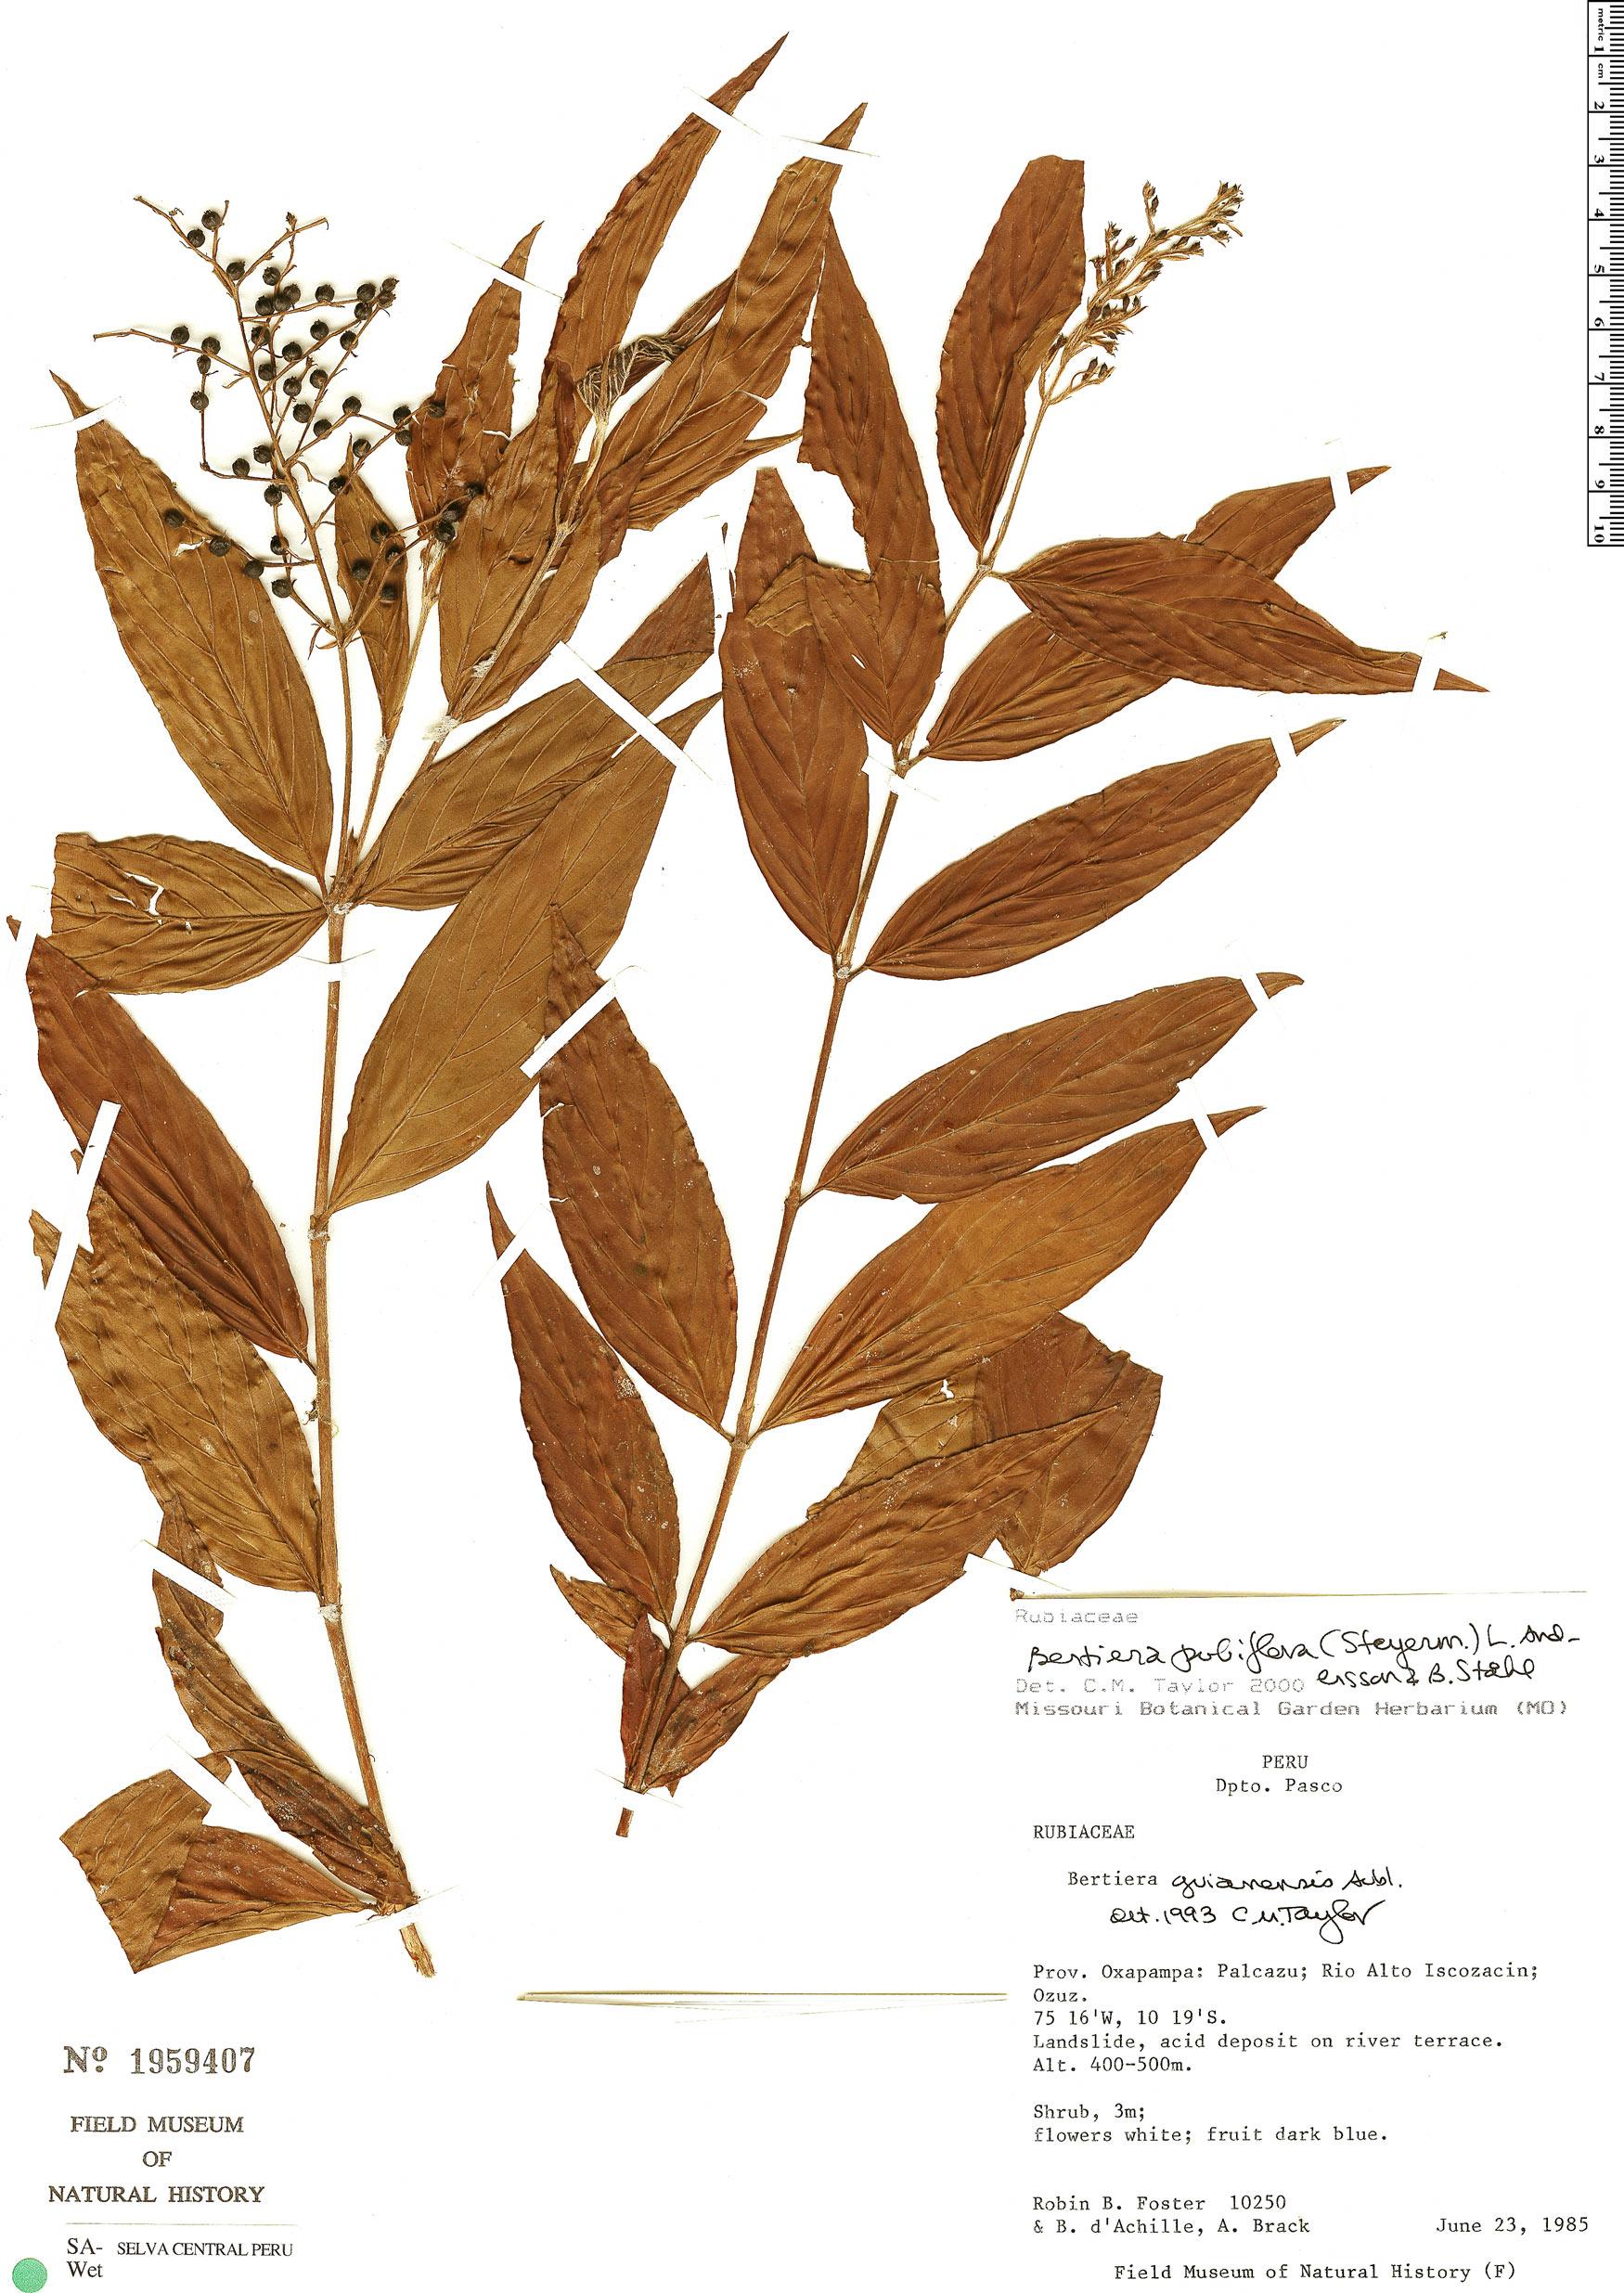 Specimen: Bertiera pubiflora